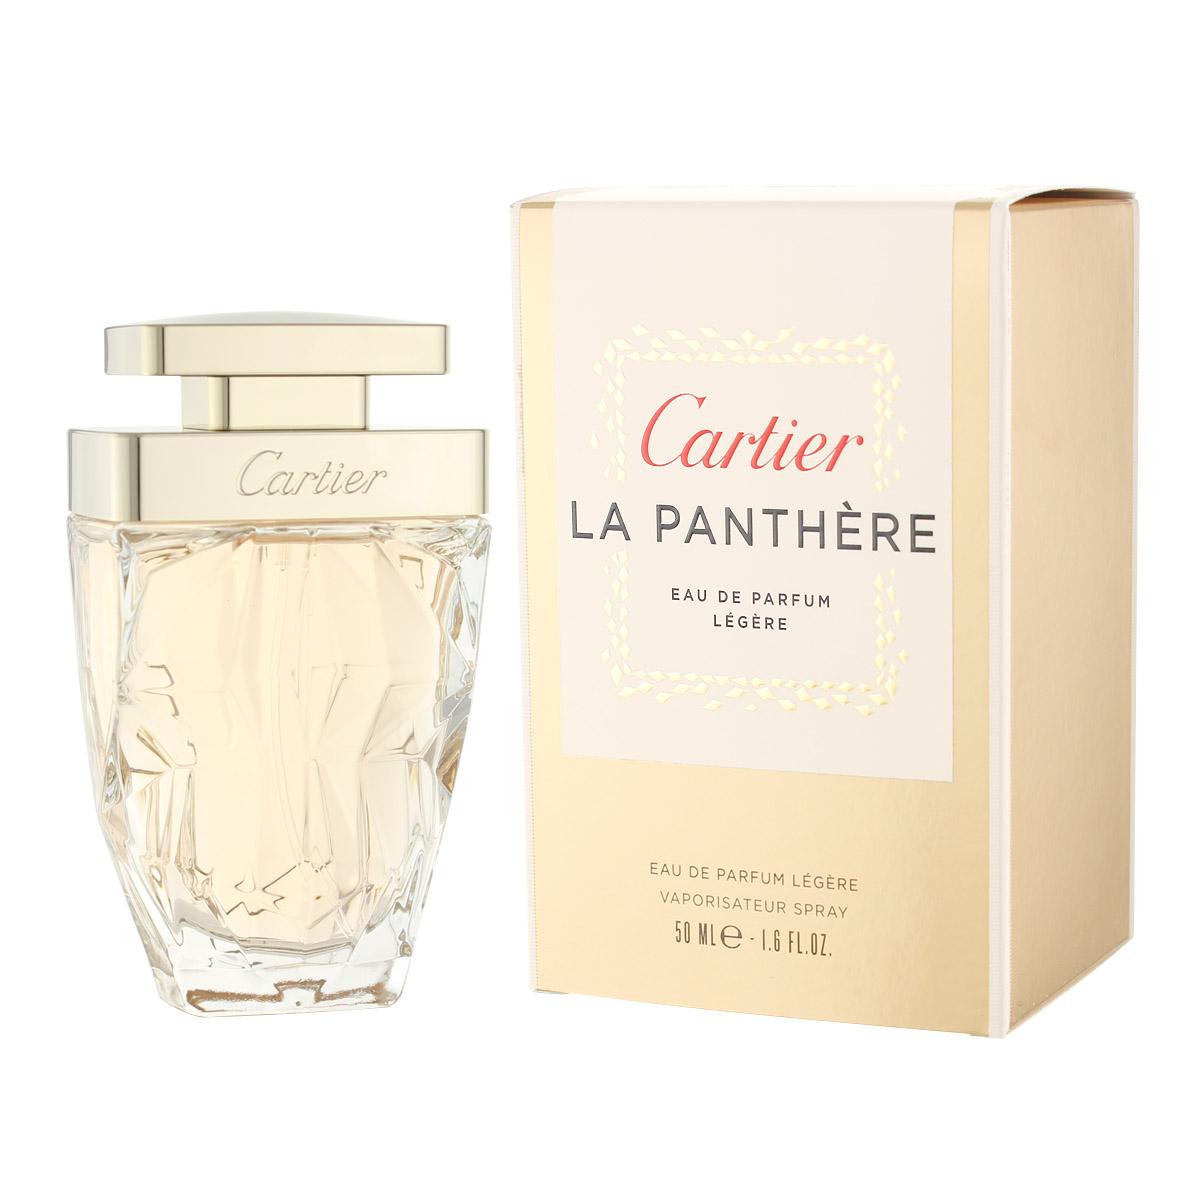 Cartier La Panthère Lègère EDP 50 ml W